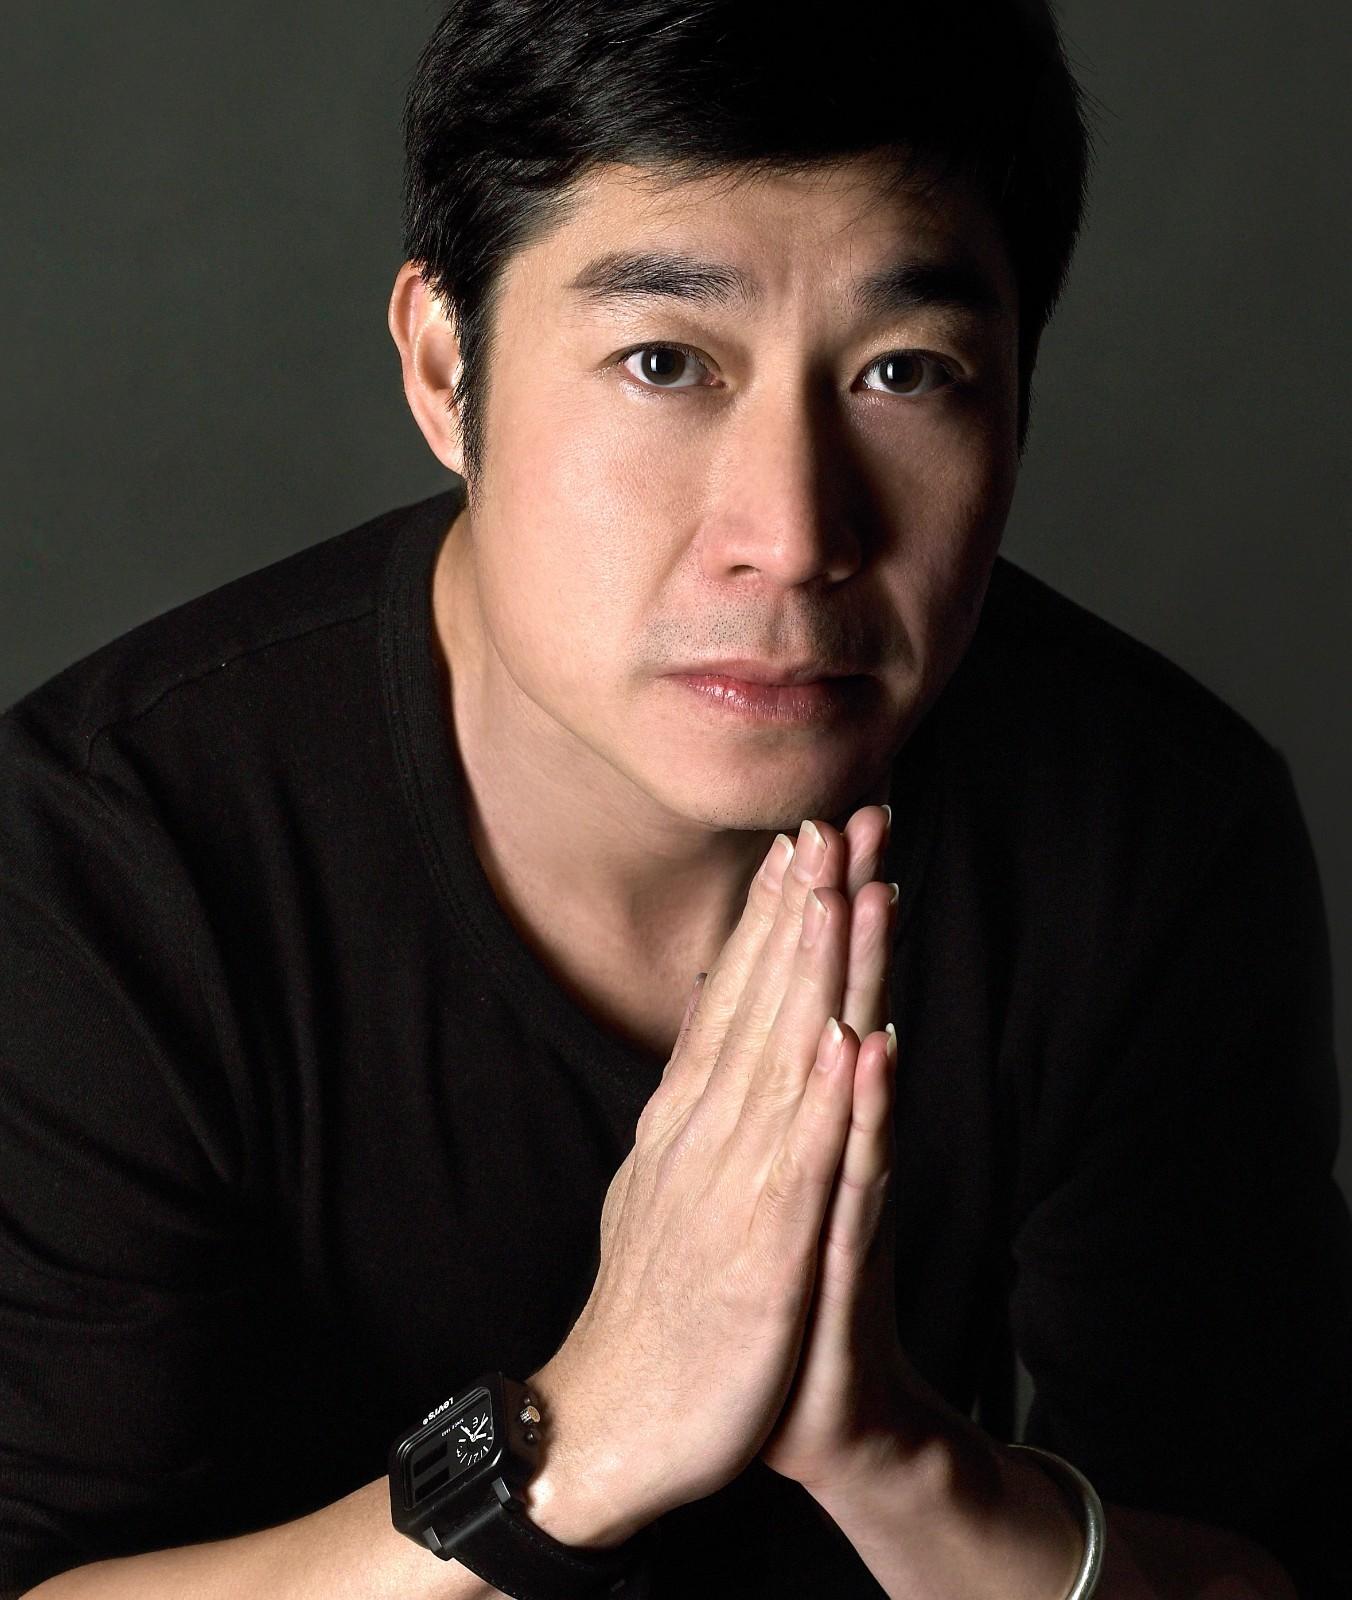 Portrait_Tony Ho.jpg